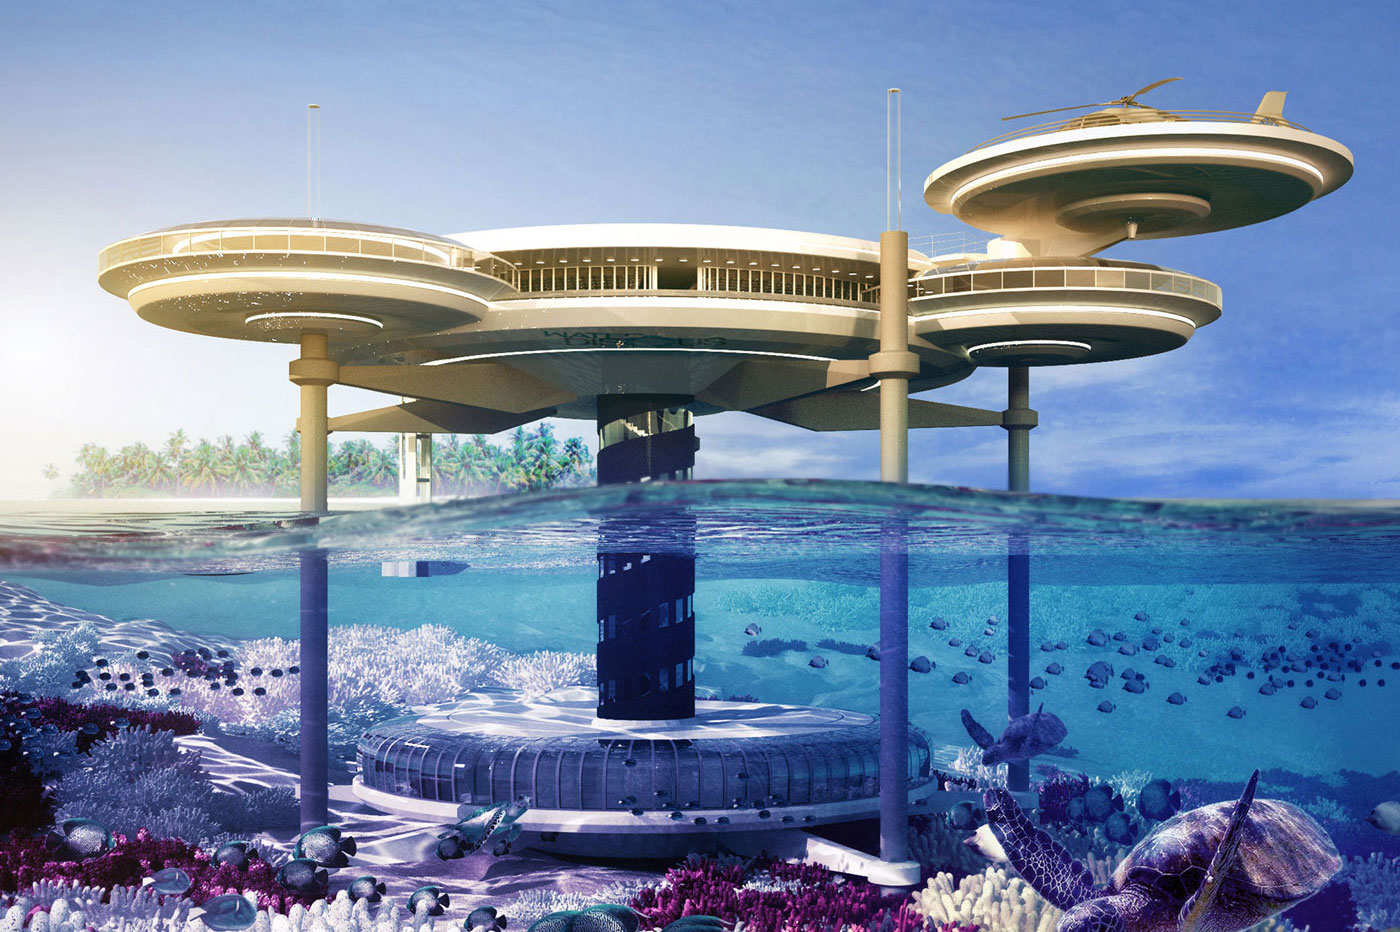 Les h tels du futur en images insolites et cologiques for Architecture du futur